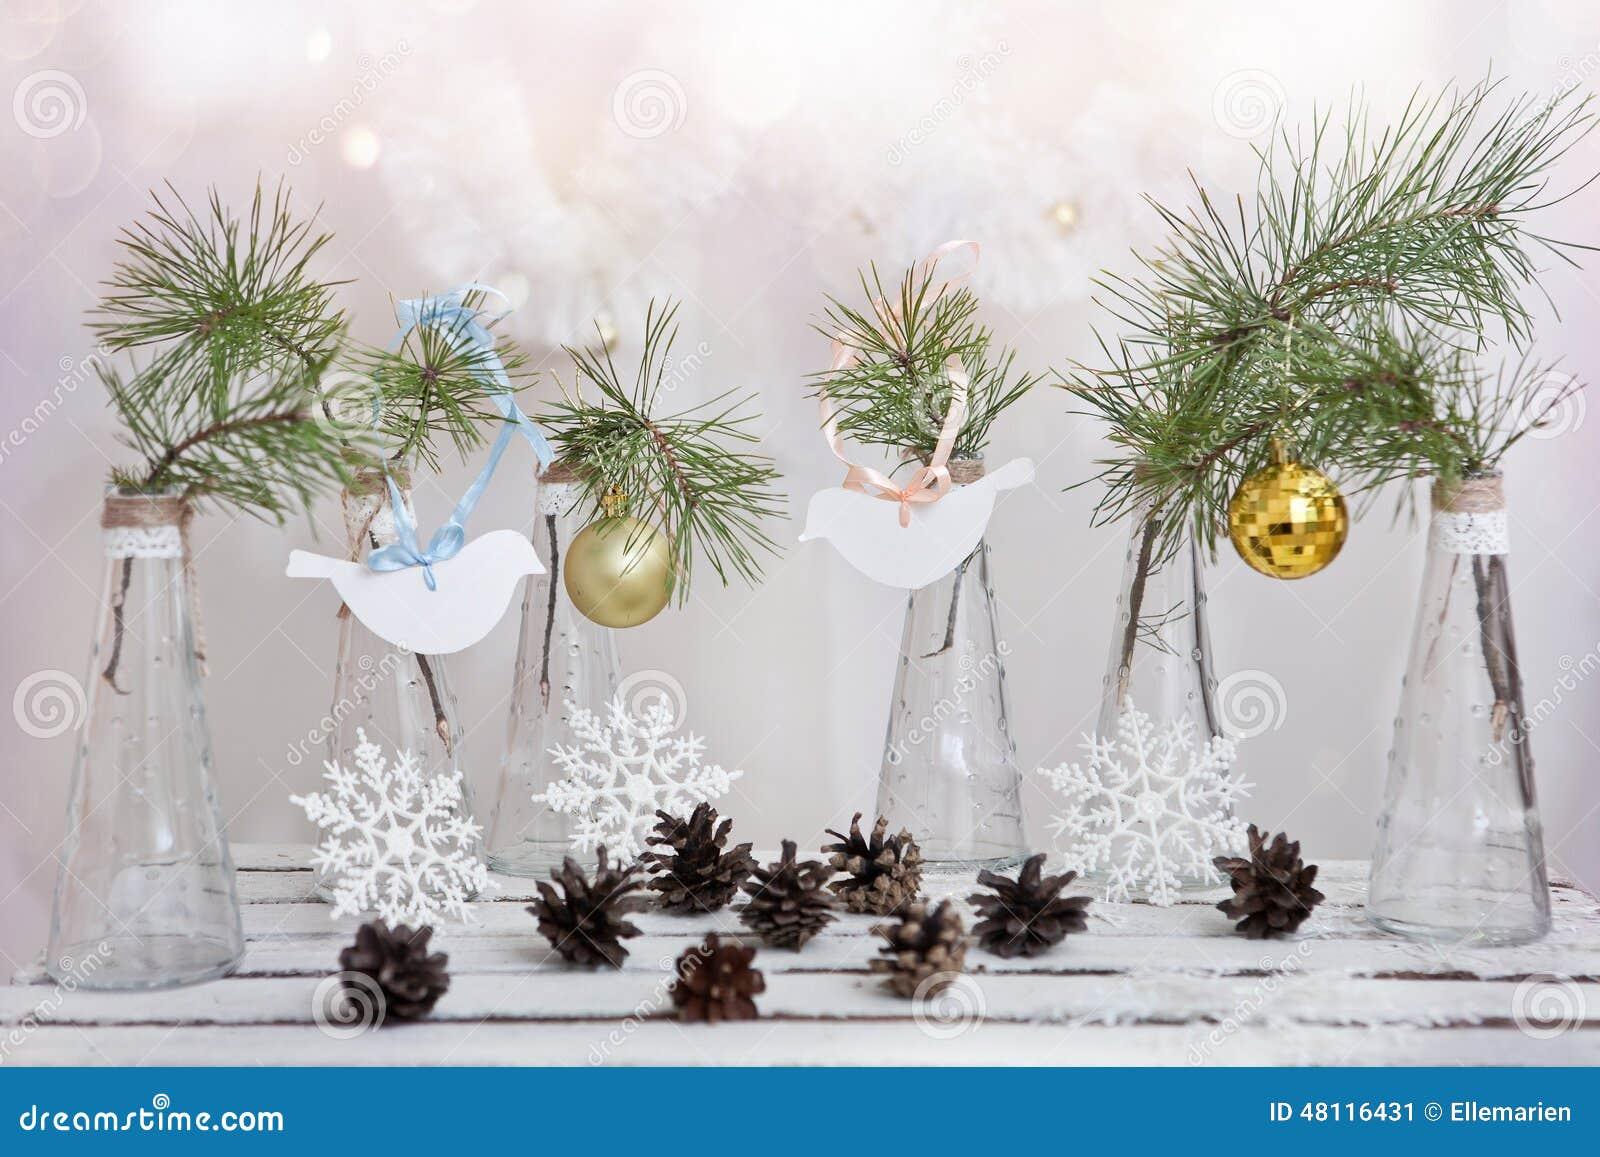 Decorazioni di natale su un ramo dell 39 albero in vasi di - Decorazioni vetro ...